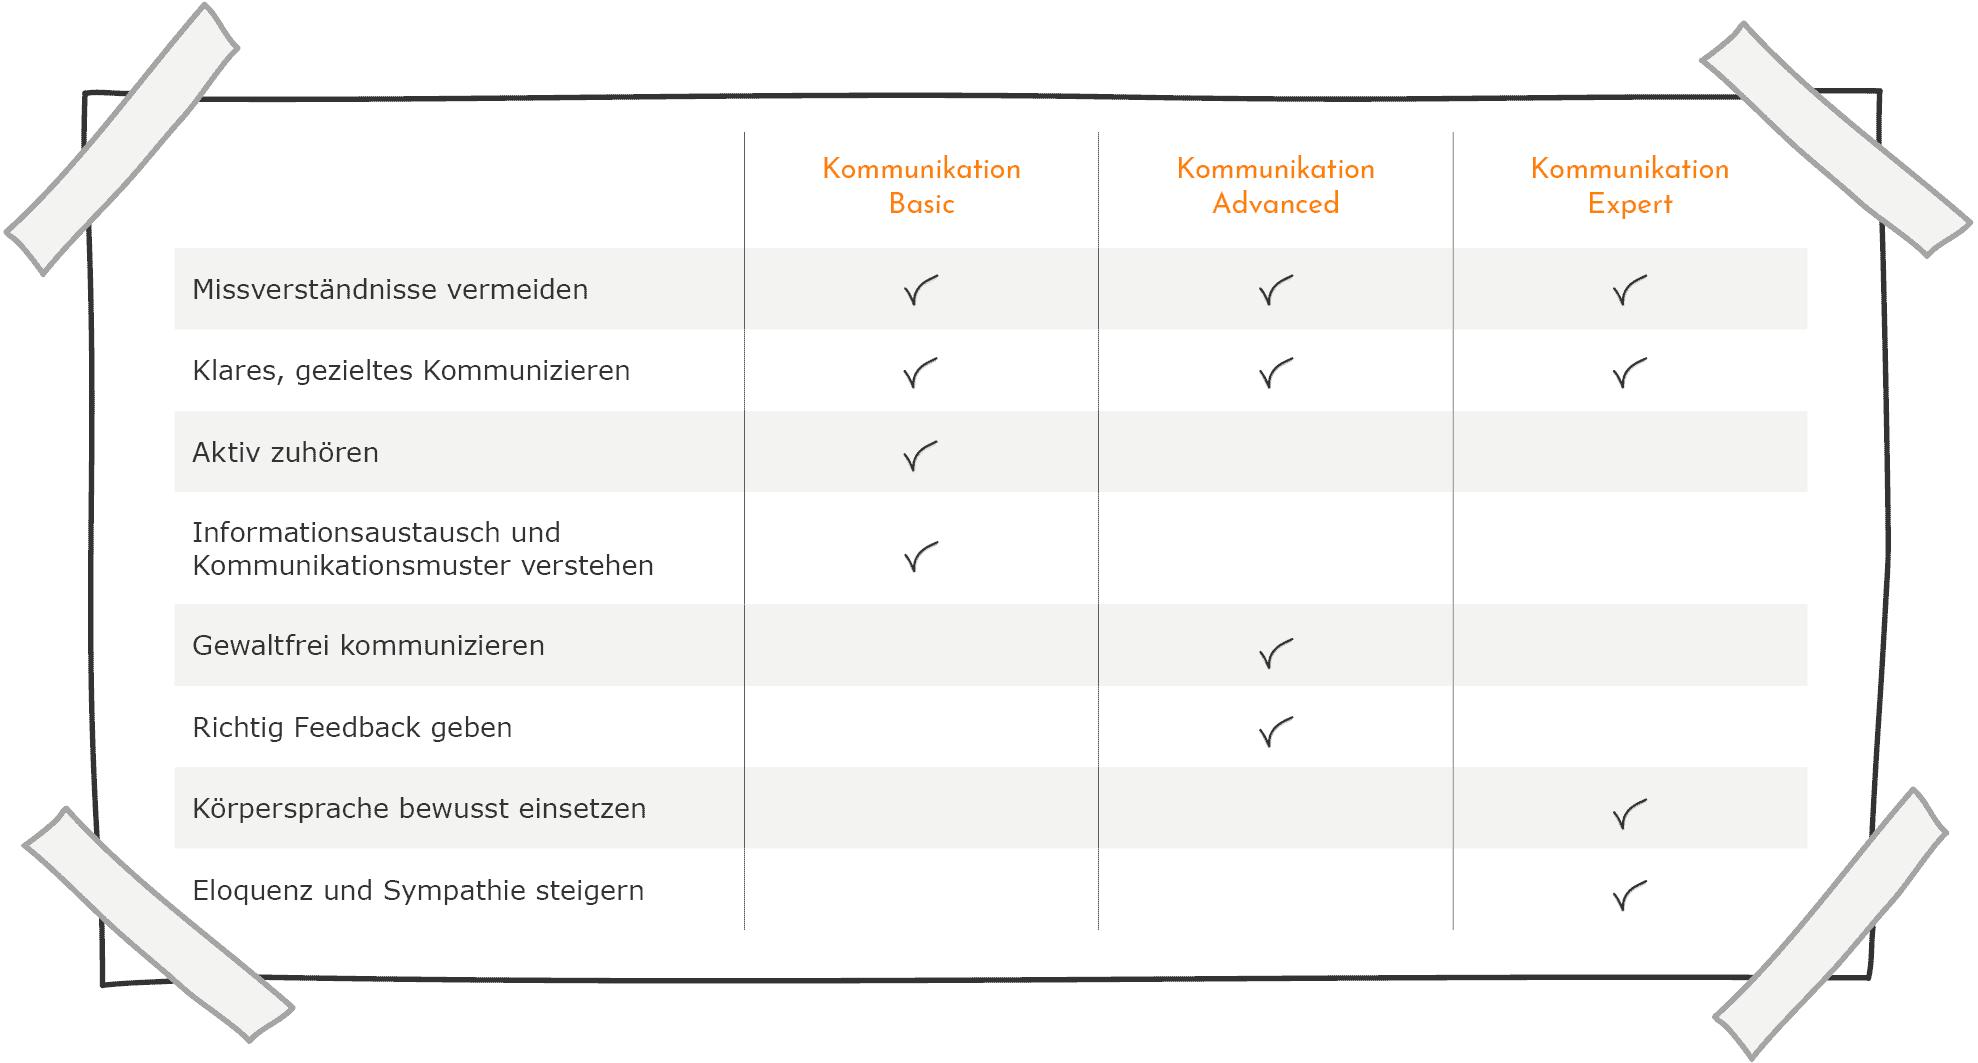 Kommunikation - Inhalte im Vergleich